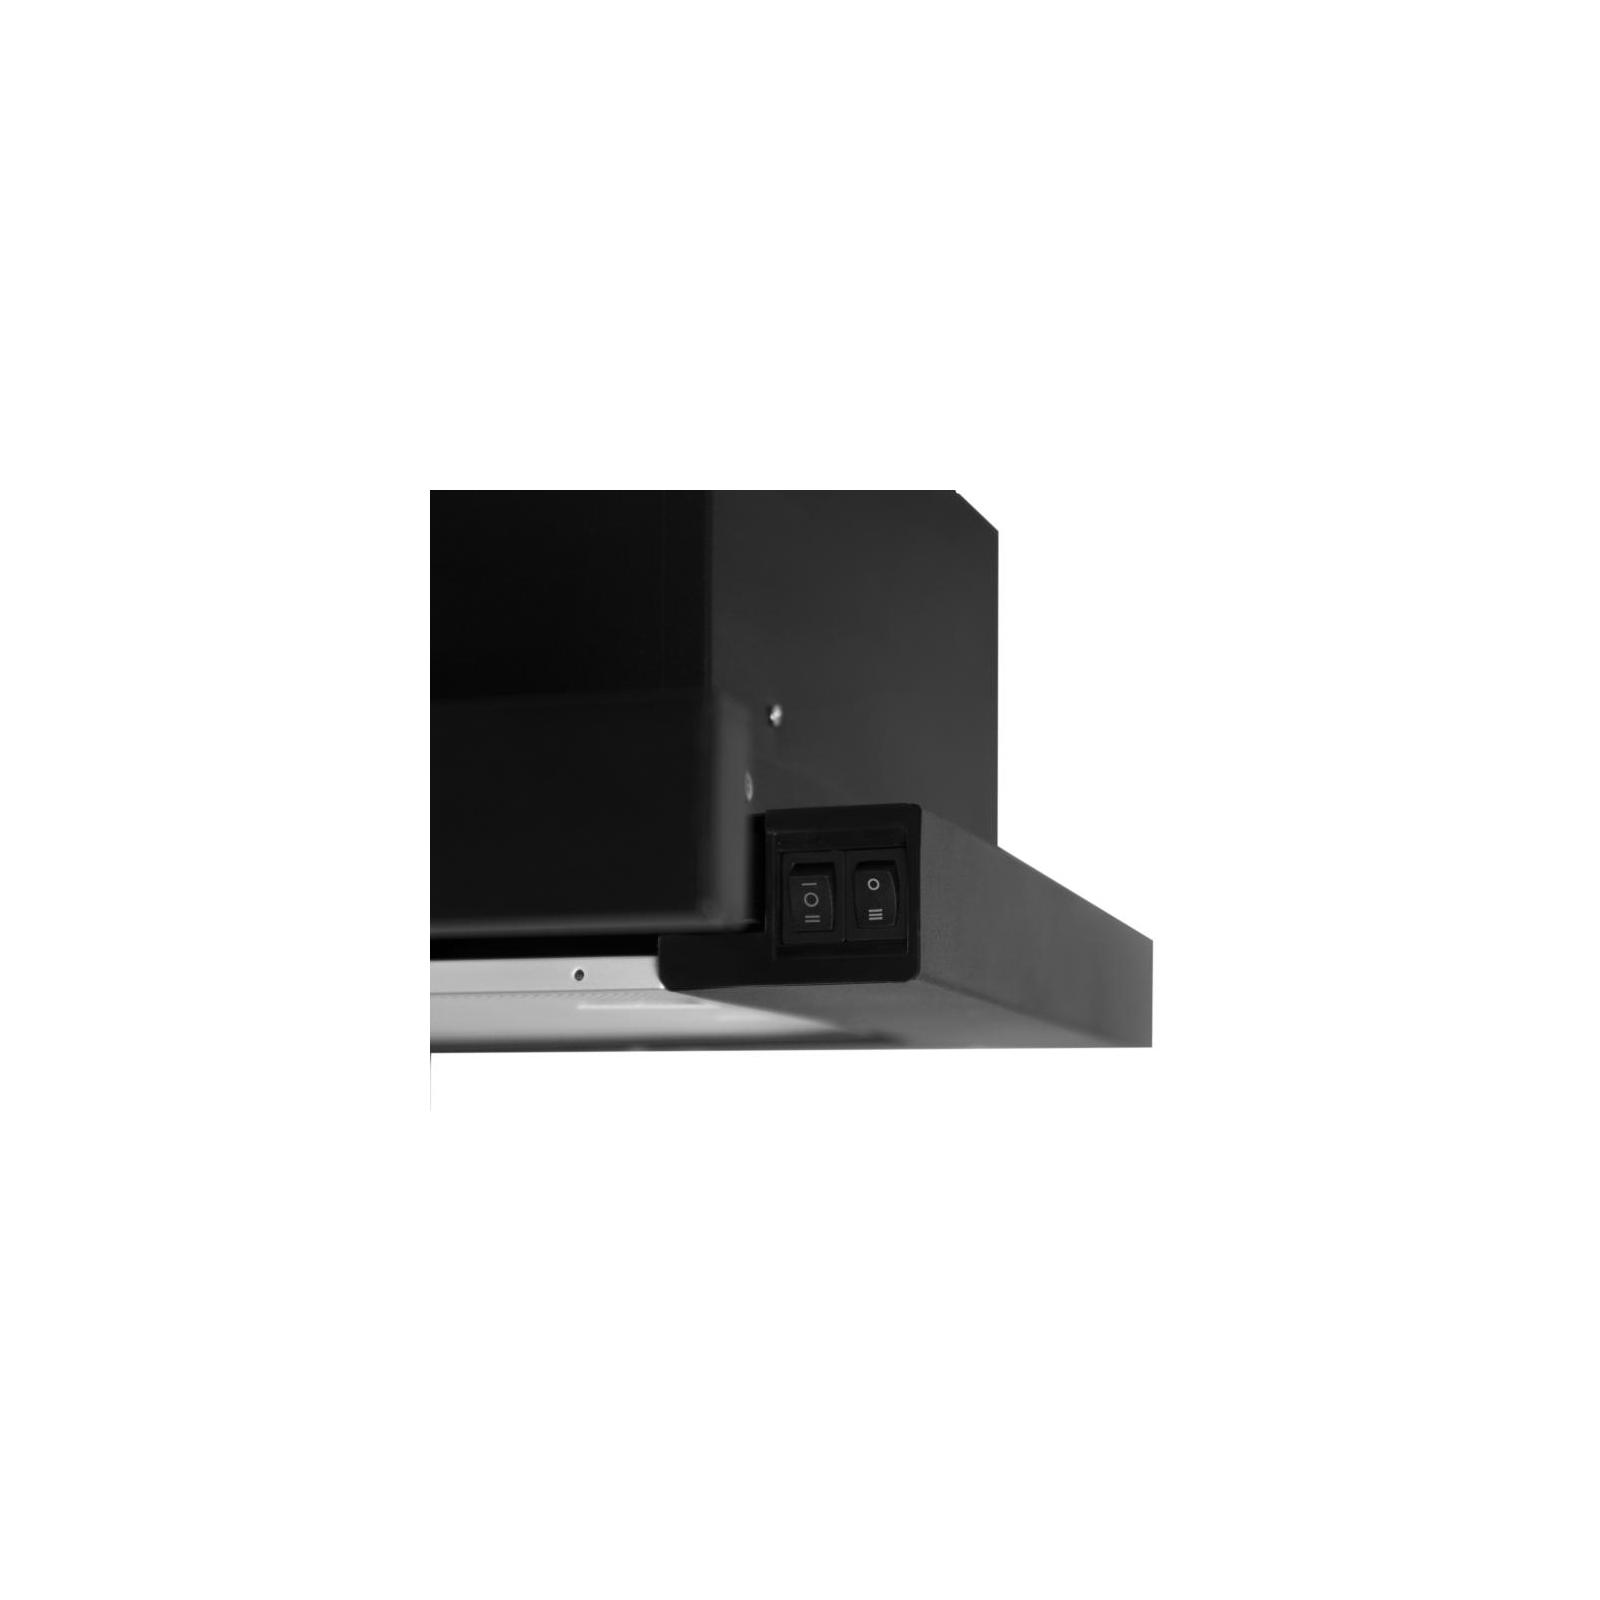 Вытяжка кухонная MINOLA HTL 6010 BL 430 изображение 4